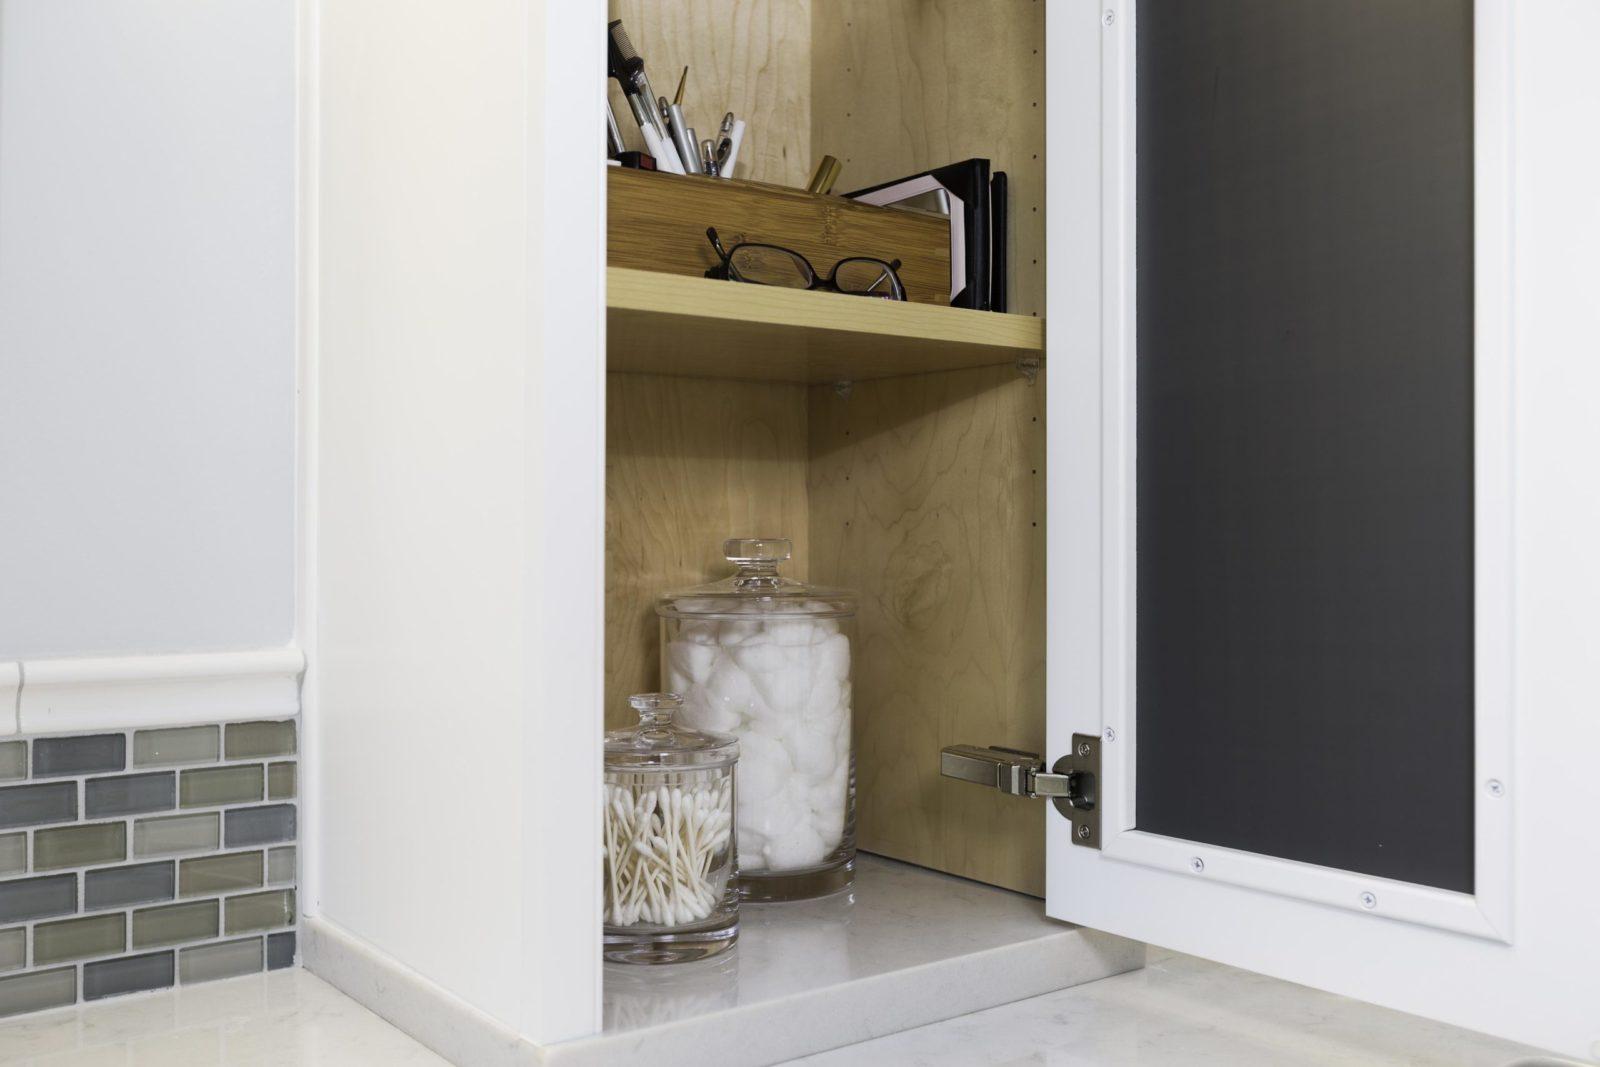 bath-redesign-revision-design-vanity-tower-storage